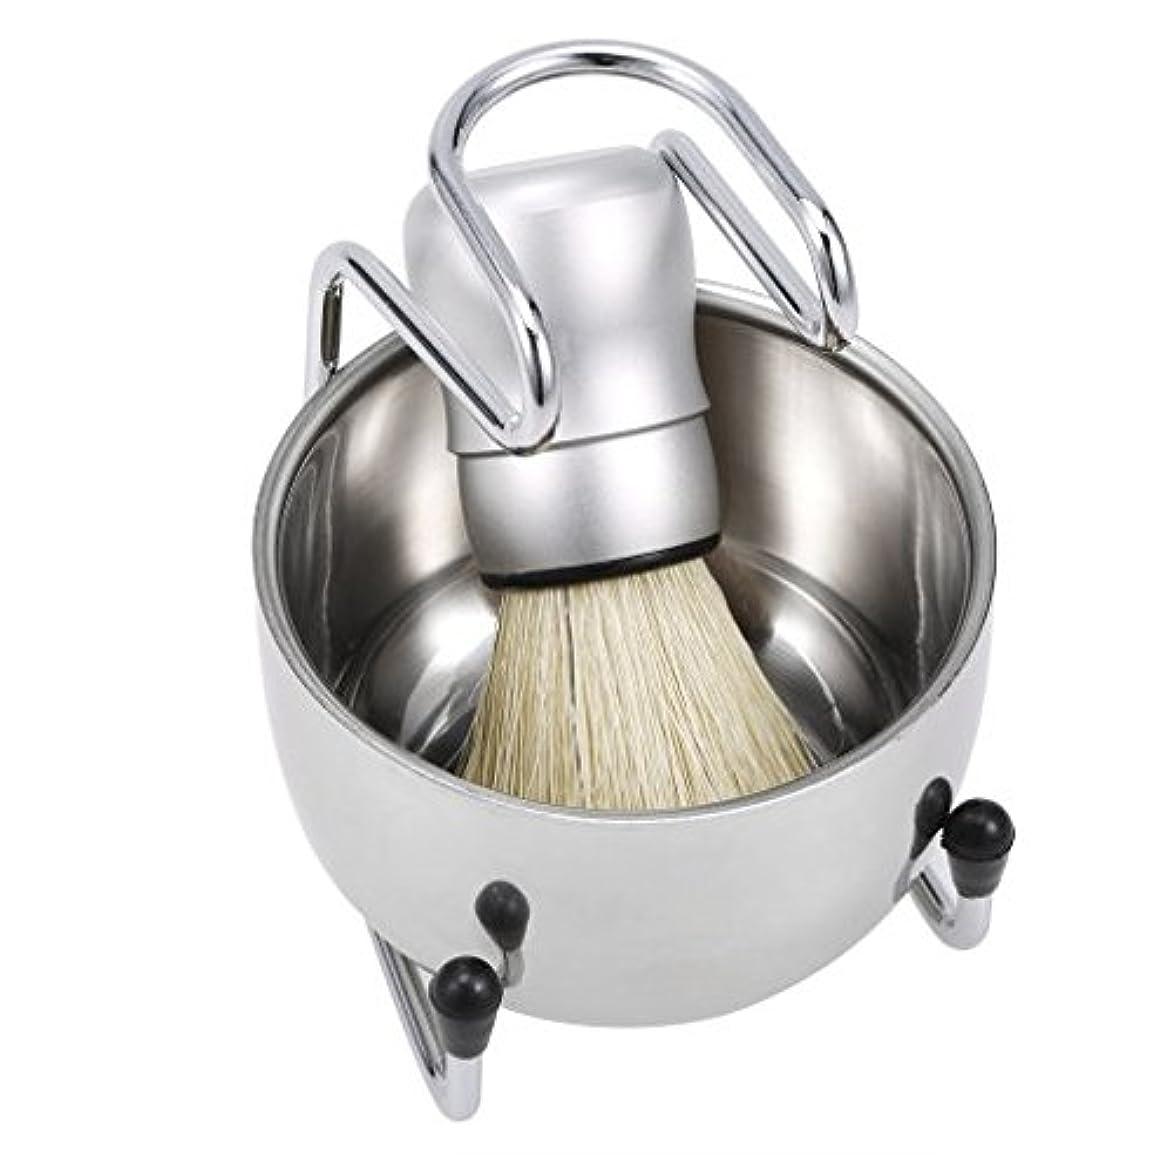 熱帯のシンプルさプログレッシブ3 in 1 Men's Shaving Tools Set Well Polished Shaving Brush Soap Bowl Stand Holder Badger Hair Male Face Cleaning